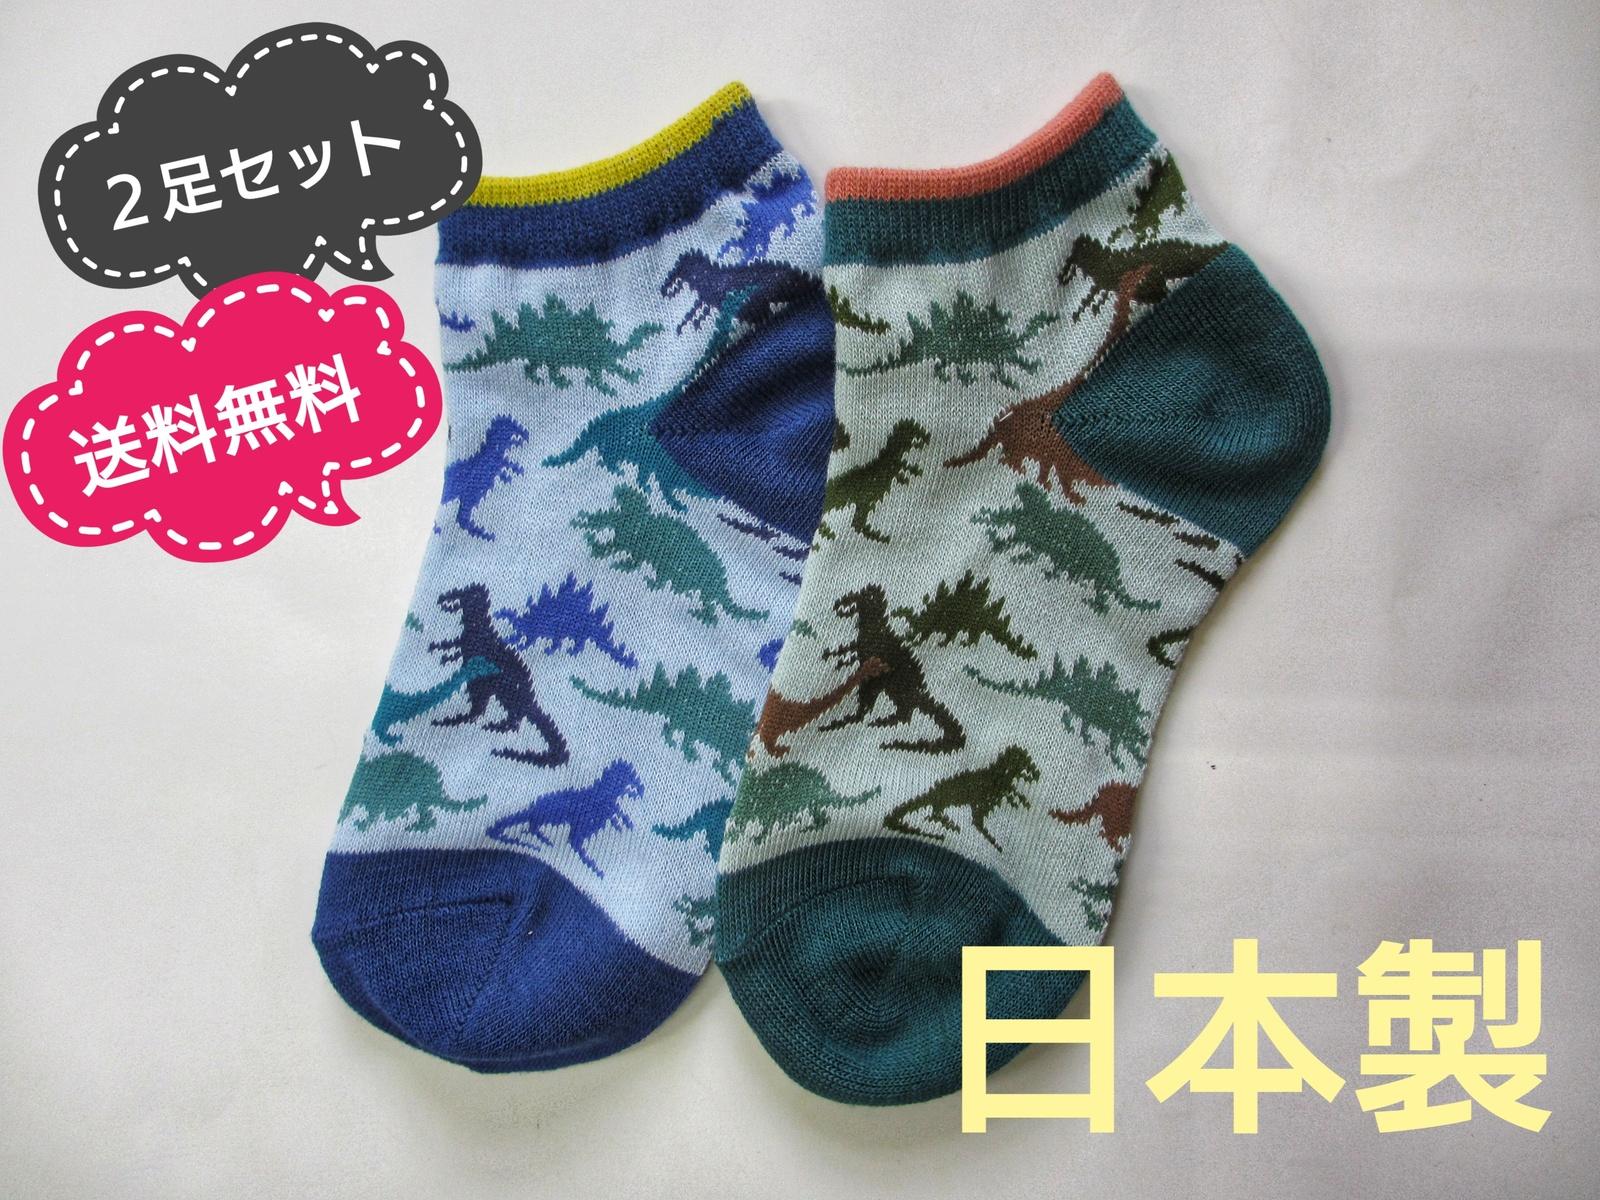 メーカー公式 ヤマモトソックス 日本製 2足セット 送料無料 子供 靴下 キッズ 恐竜柄スニーカーソックス16~18cm 16~18cm 子供用靴下 恐竜柄スニーカーソックス 19~22cm 男の子 メーカー直送